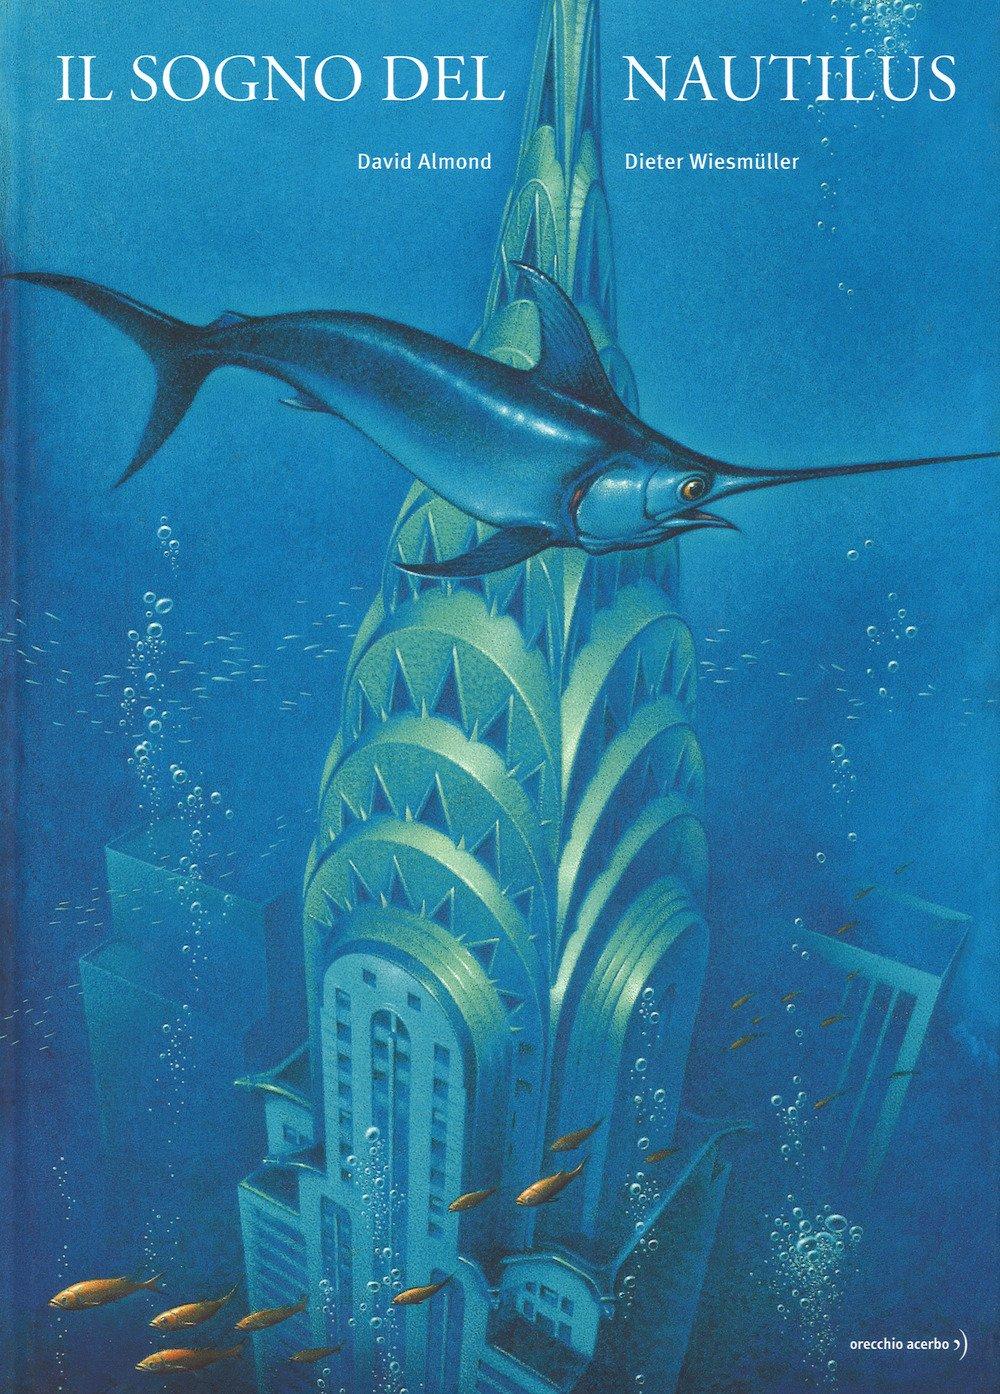 Queste sono pagine piene d'acqua. Le creature del mare nuotano sotto i nostri ponti, davanti ai nostri castelli. Risalgono in superficie lungo pinnacoli e statue. Questo è un libro in cui nuotare. Immergetevi nelle sue pagine. Inabissatevi in questo futuro grigio-azzurro. Vivete insieme a queste creature stupende e ascoltate il loro canto. Età di lettura: da 9 anni